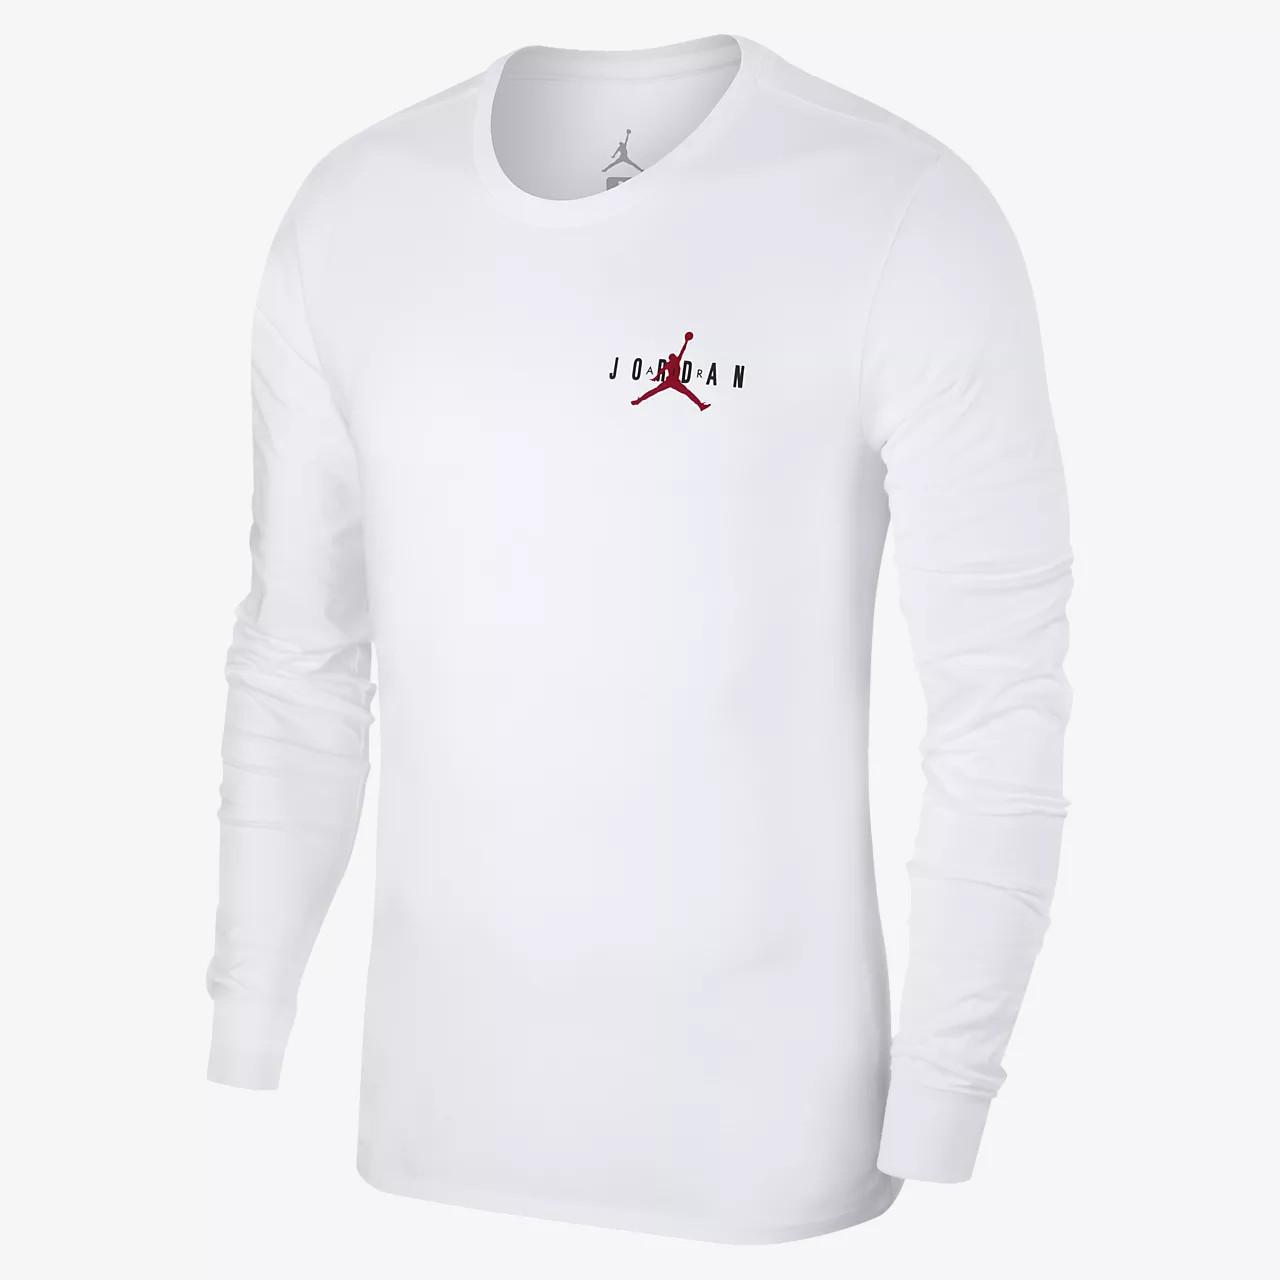 edb7d26b Толстовка Nike Jordan Sportswear Air Long-Sleeve T-Shirt AA7754-100  (Оригинал